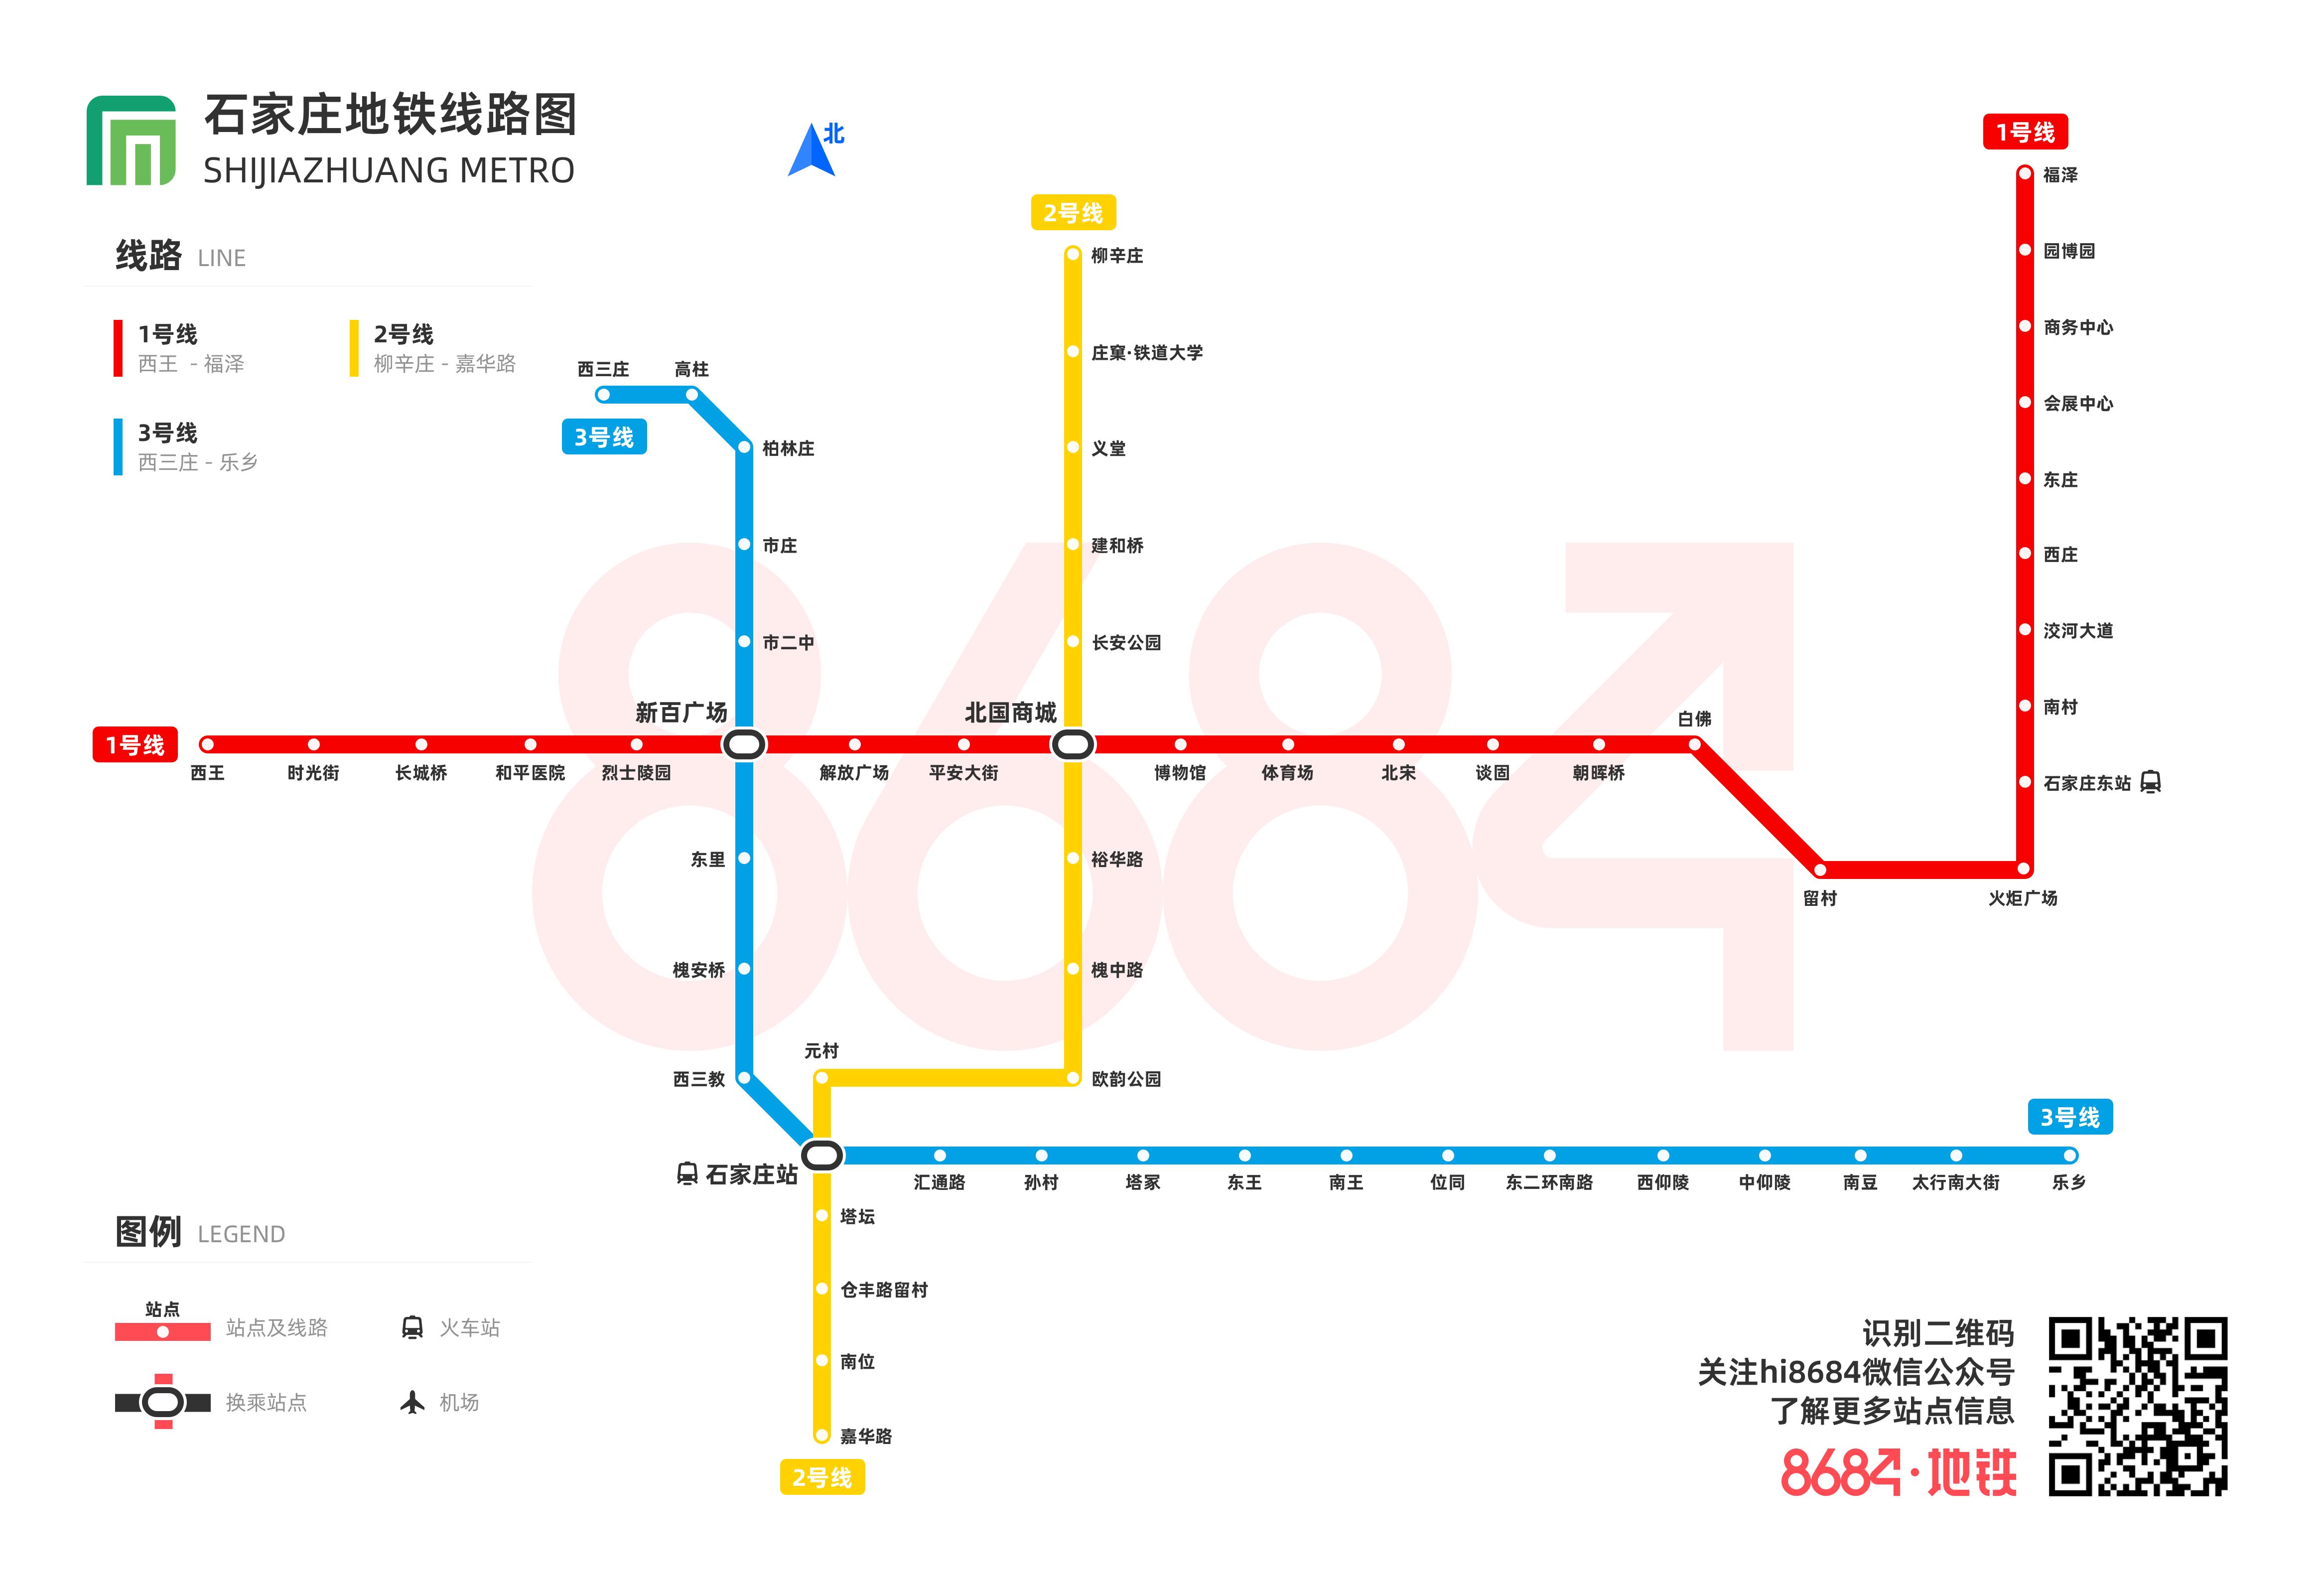 石家庄地铁线路图